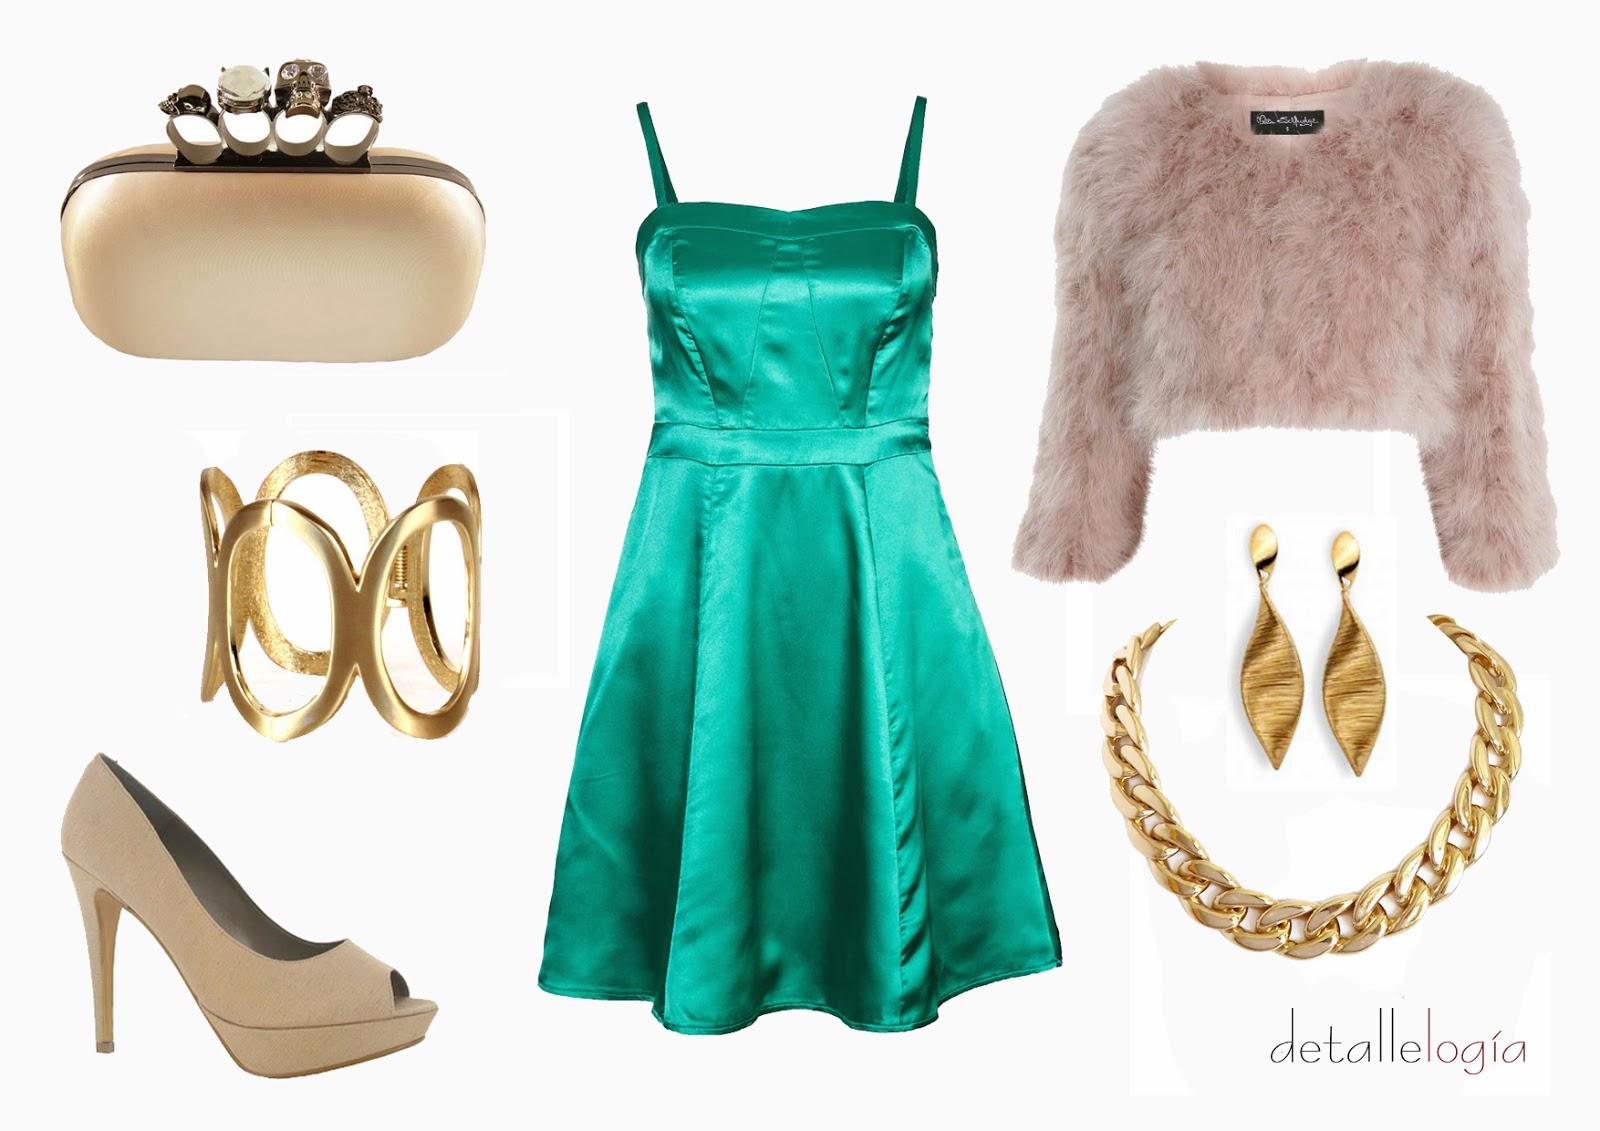 Complementos para vestido verde turquesa